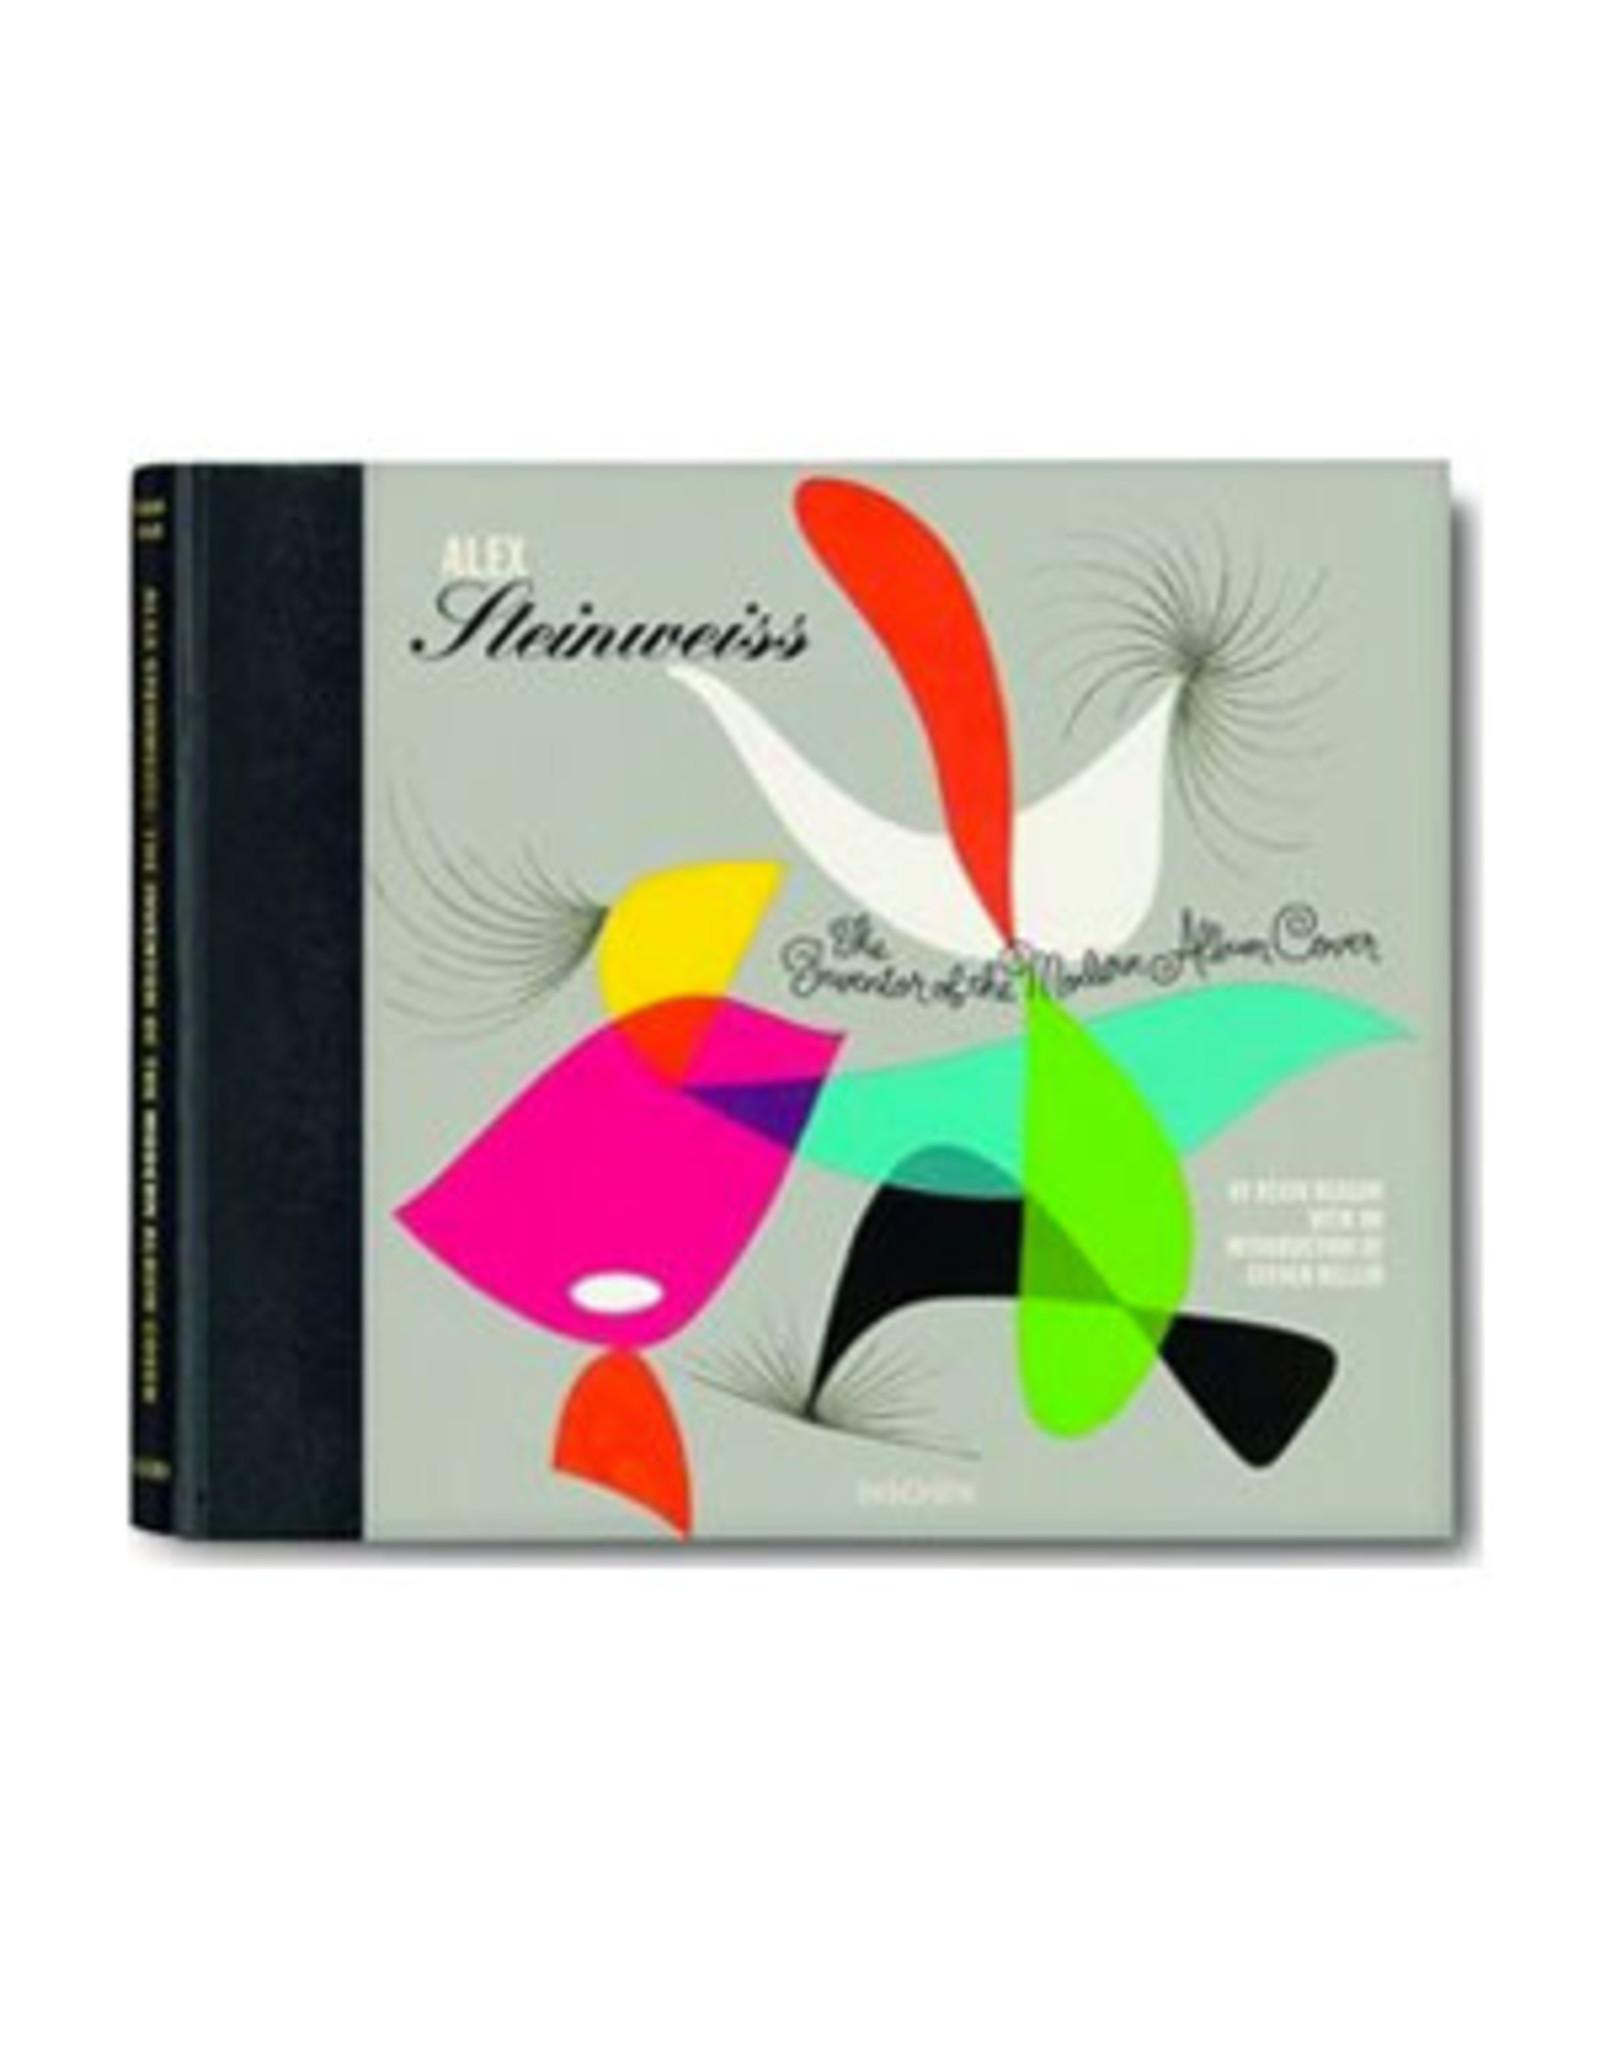 Alex Steinweiss: Inventor of the Modern Album Cover